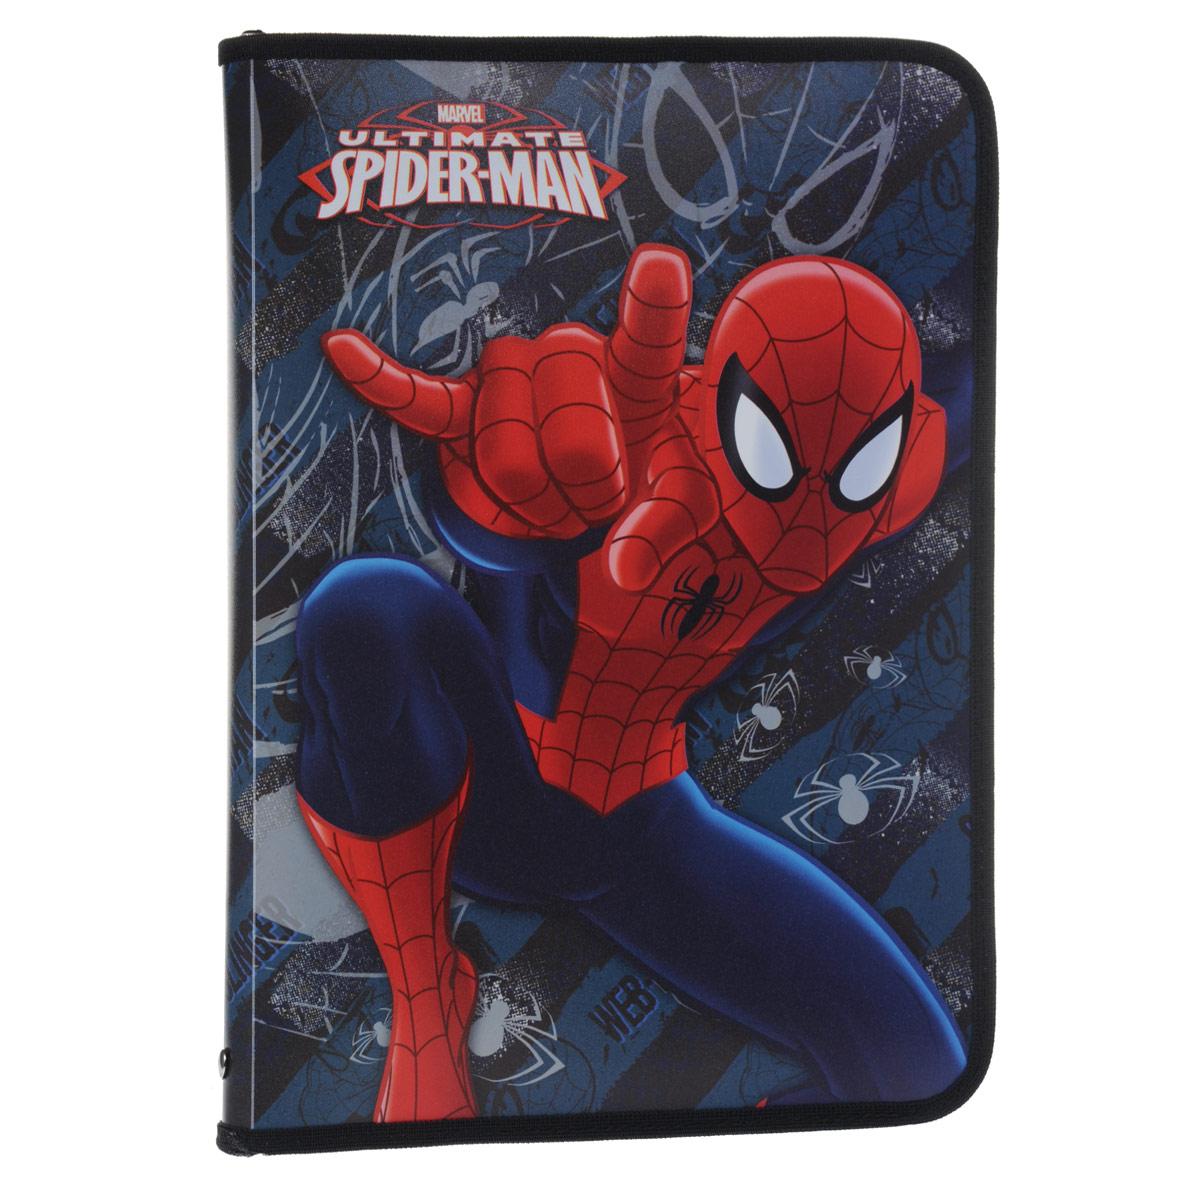 Папка для труда Spider-Man, цвет: темно-синий, красный. Формат А4FS-36054Папка для труда Spider-Man предназначена для хранения тетрадей, рисунков и прочих бумаг формата А4, а также ручек, карандашей, ластиков и точилок. Внутри находится одно большое отделение с вкладышем, содержащим 10 фиксаторов для школьных принадлежностей и фиксатор для тетрадей. Папка выполнена из прочного полипропилена и оформлена изображением Человека-Паука. Надежная застежка-молния вокруг папки обеспечивает максимальный комфорт в использовании изделия, позволяя быстро открыть и закрыть папку.